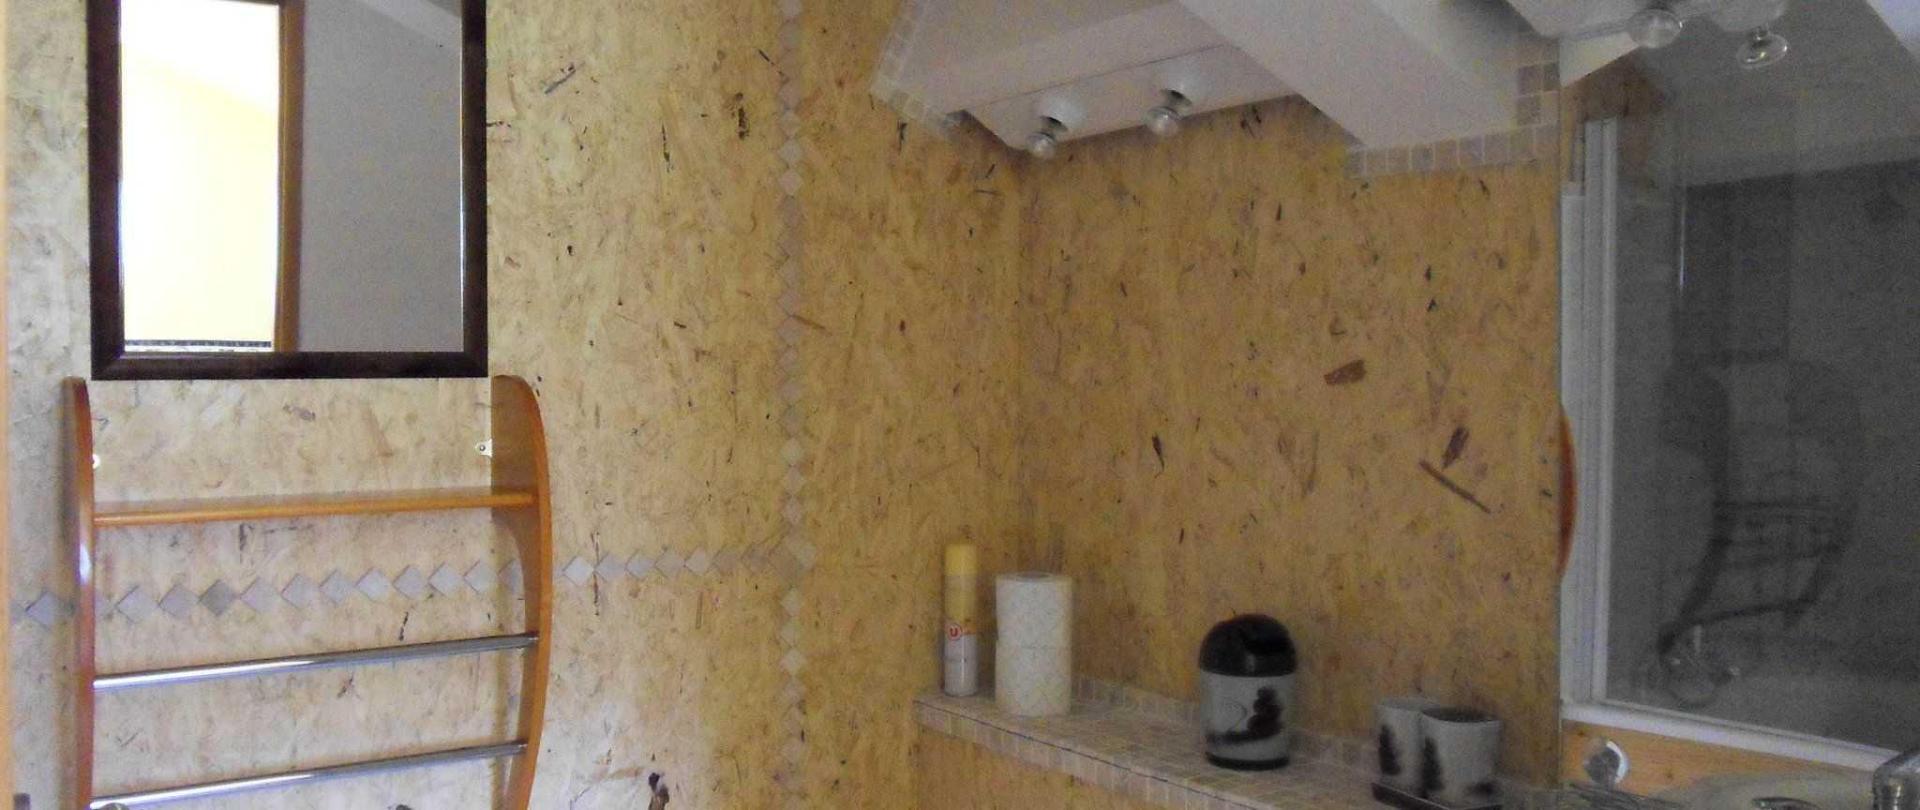 salle-de-bains-camomille-avec-bains-remous-1.JPG